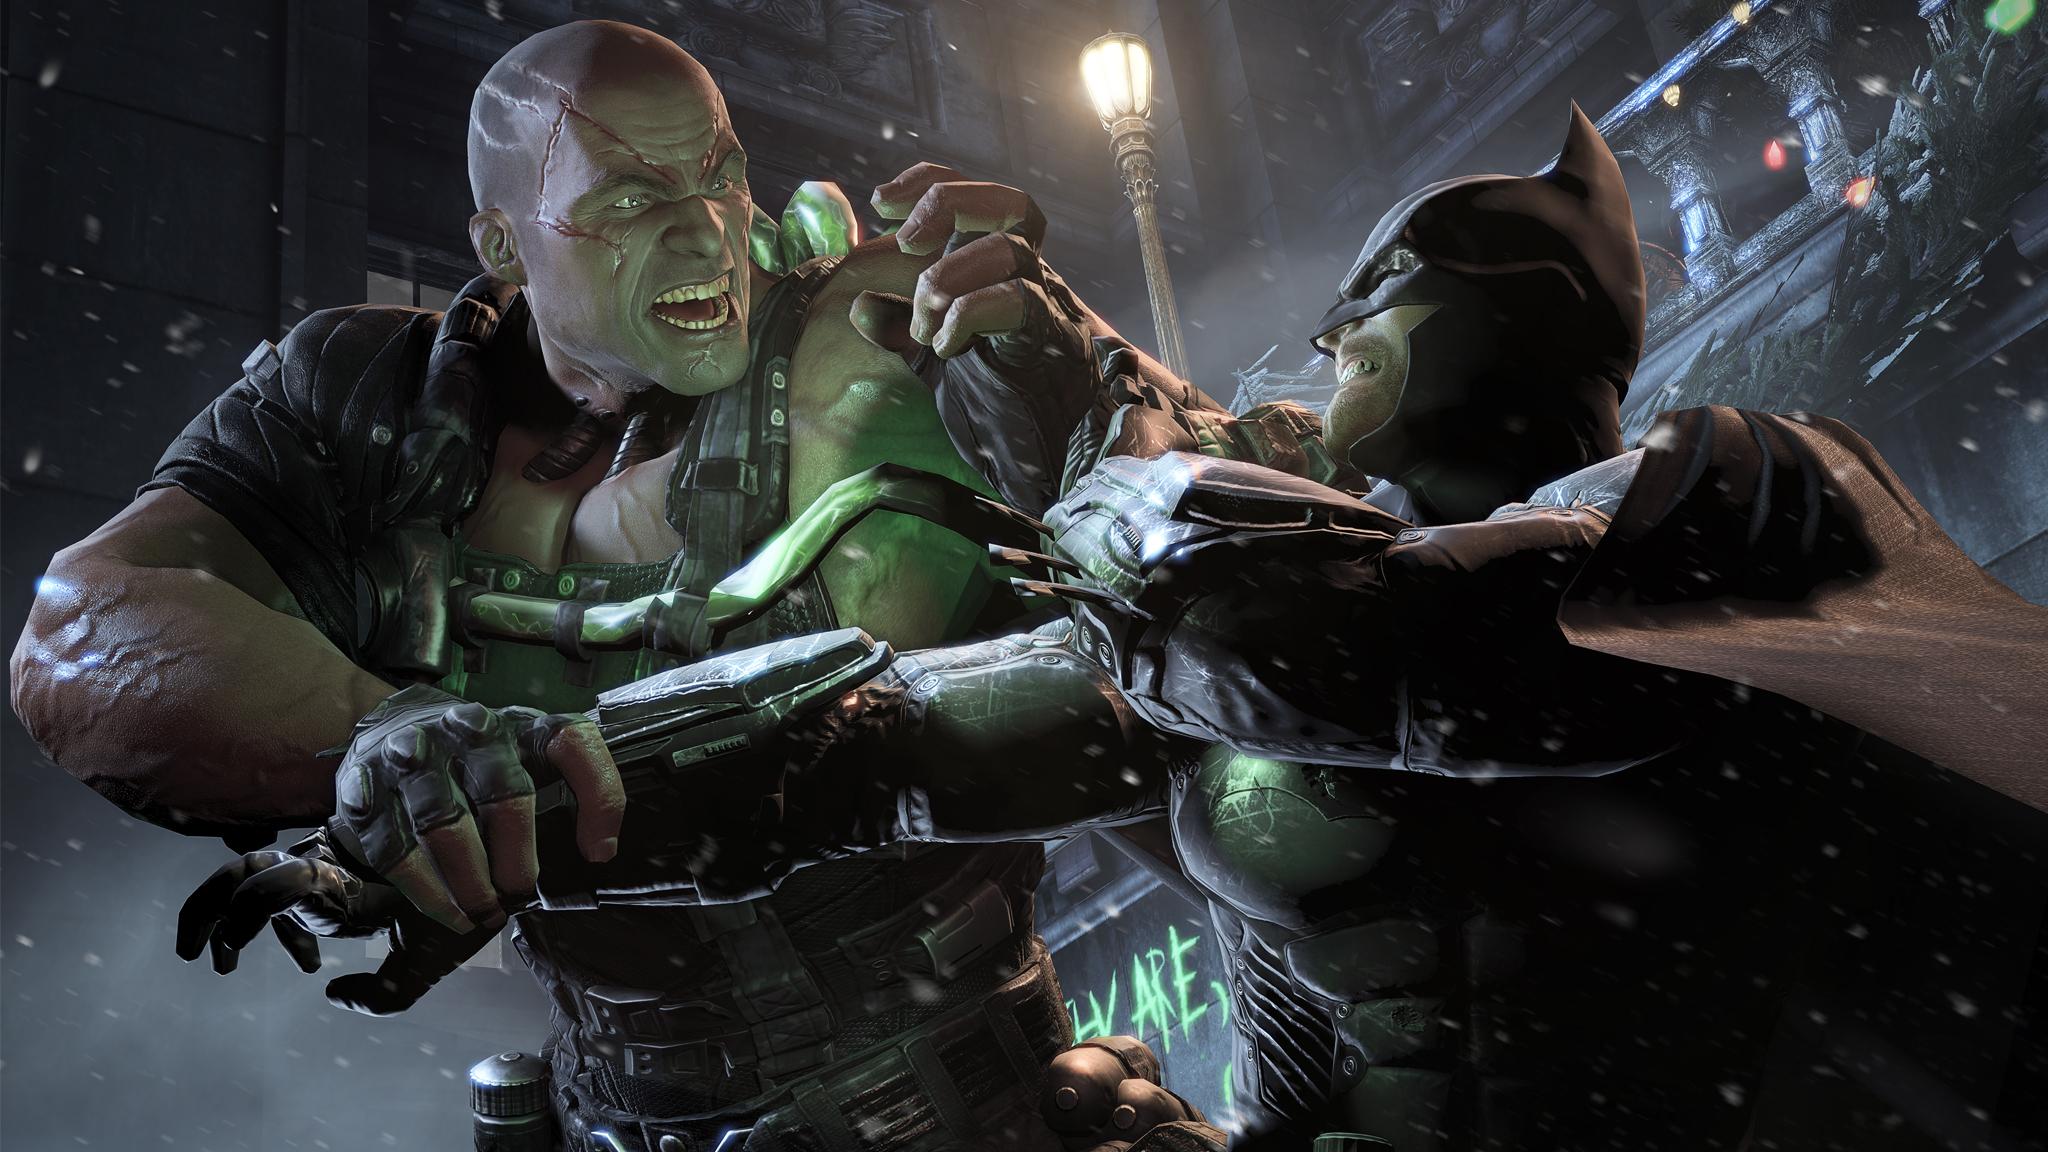 batman vs bane MEMEs